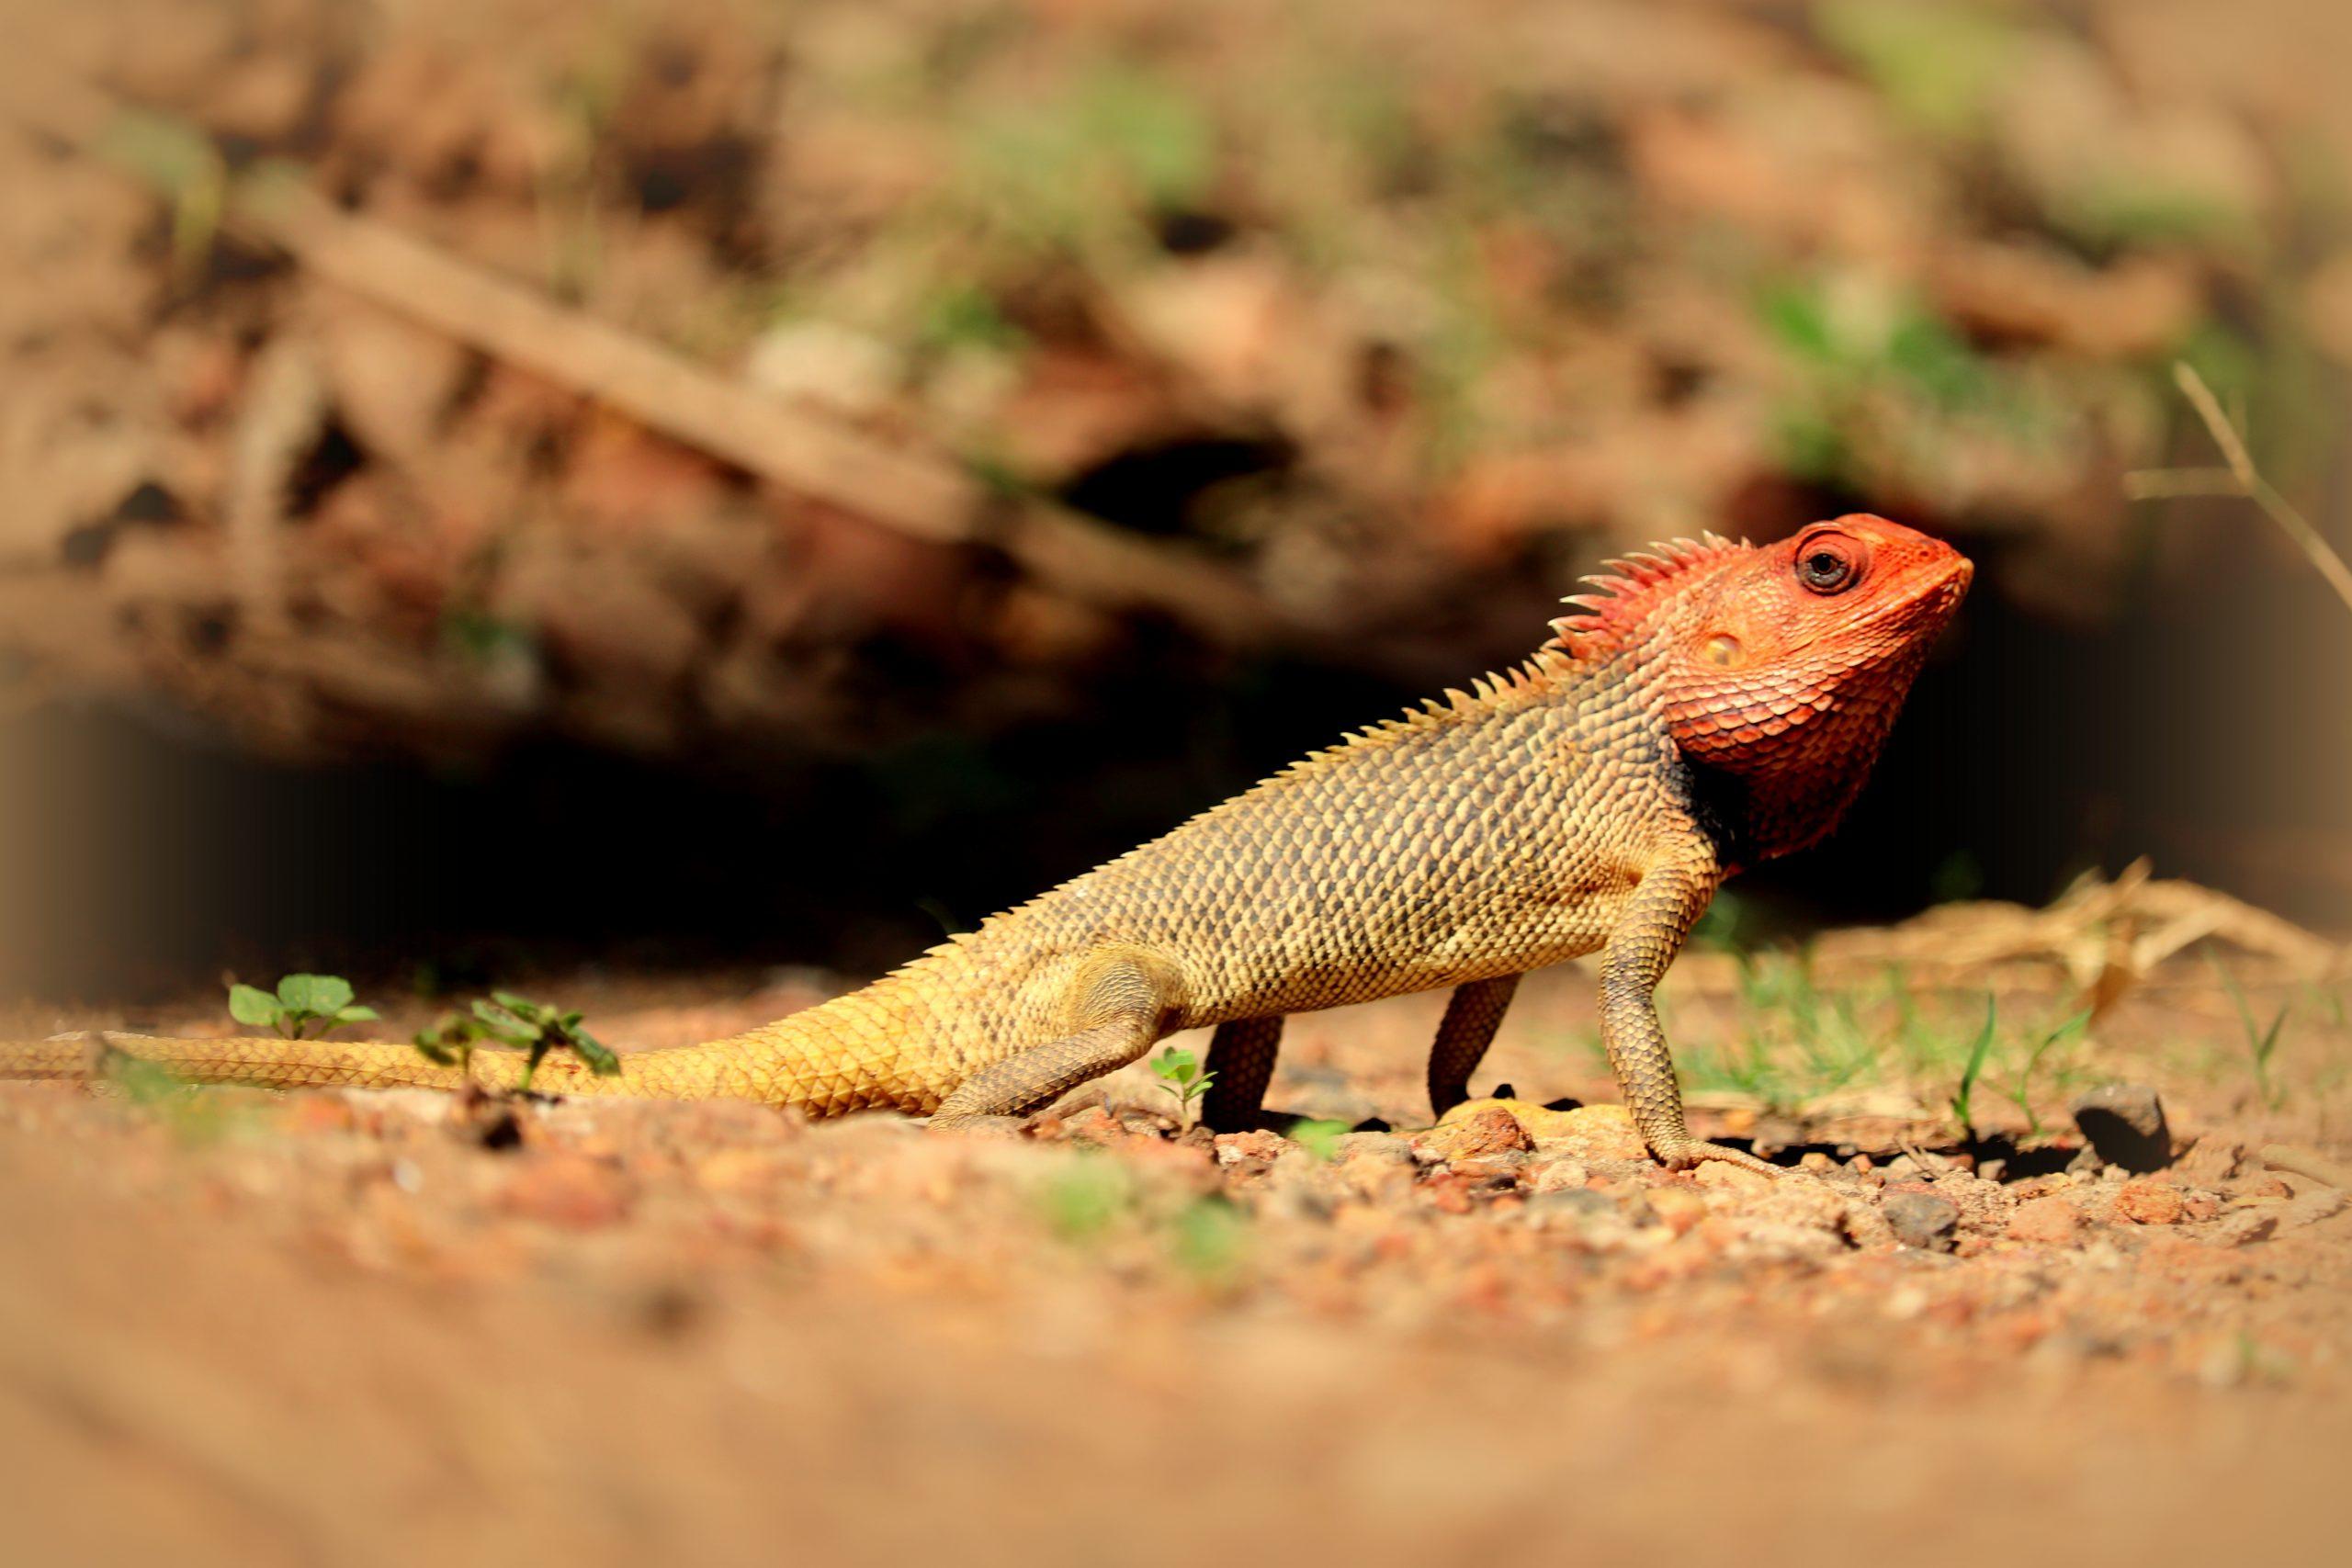 Red headed chameleon